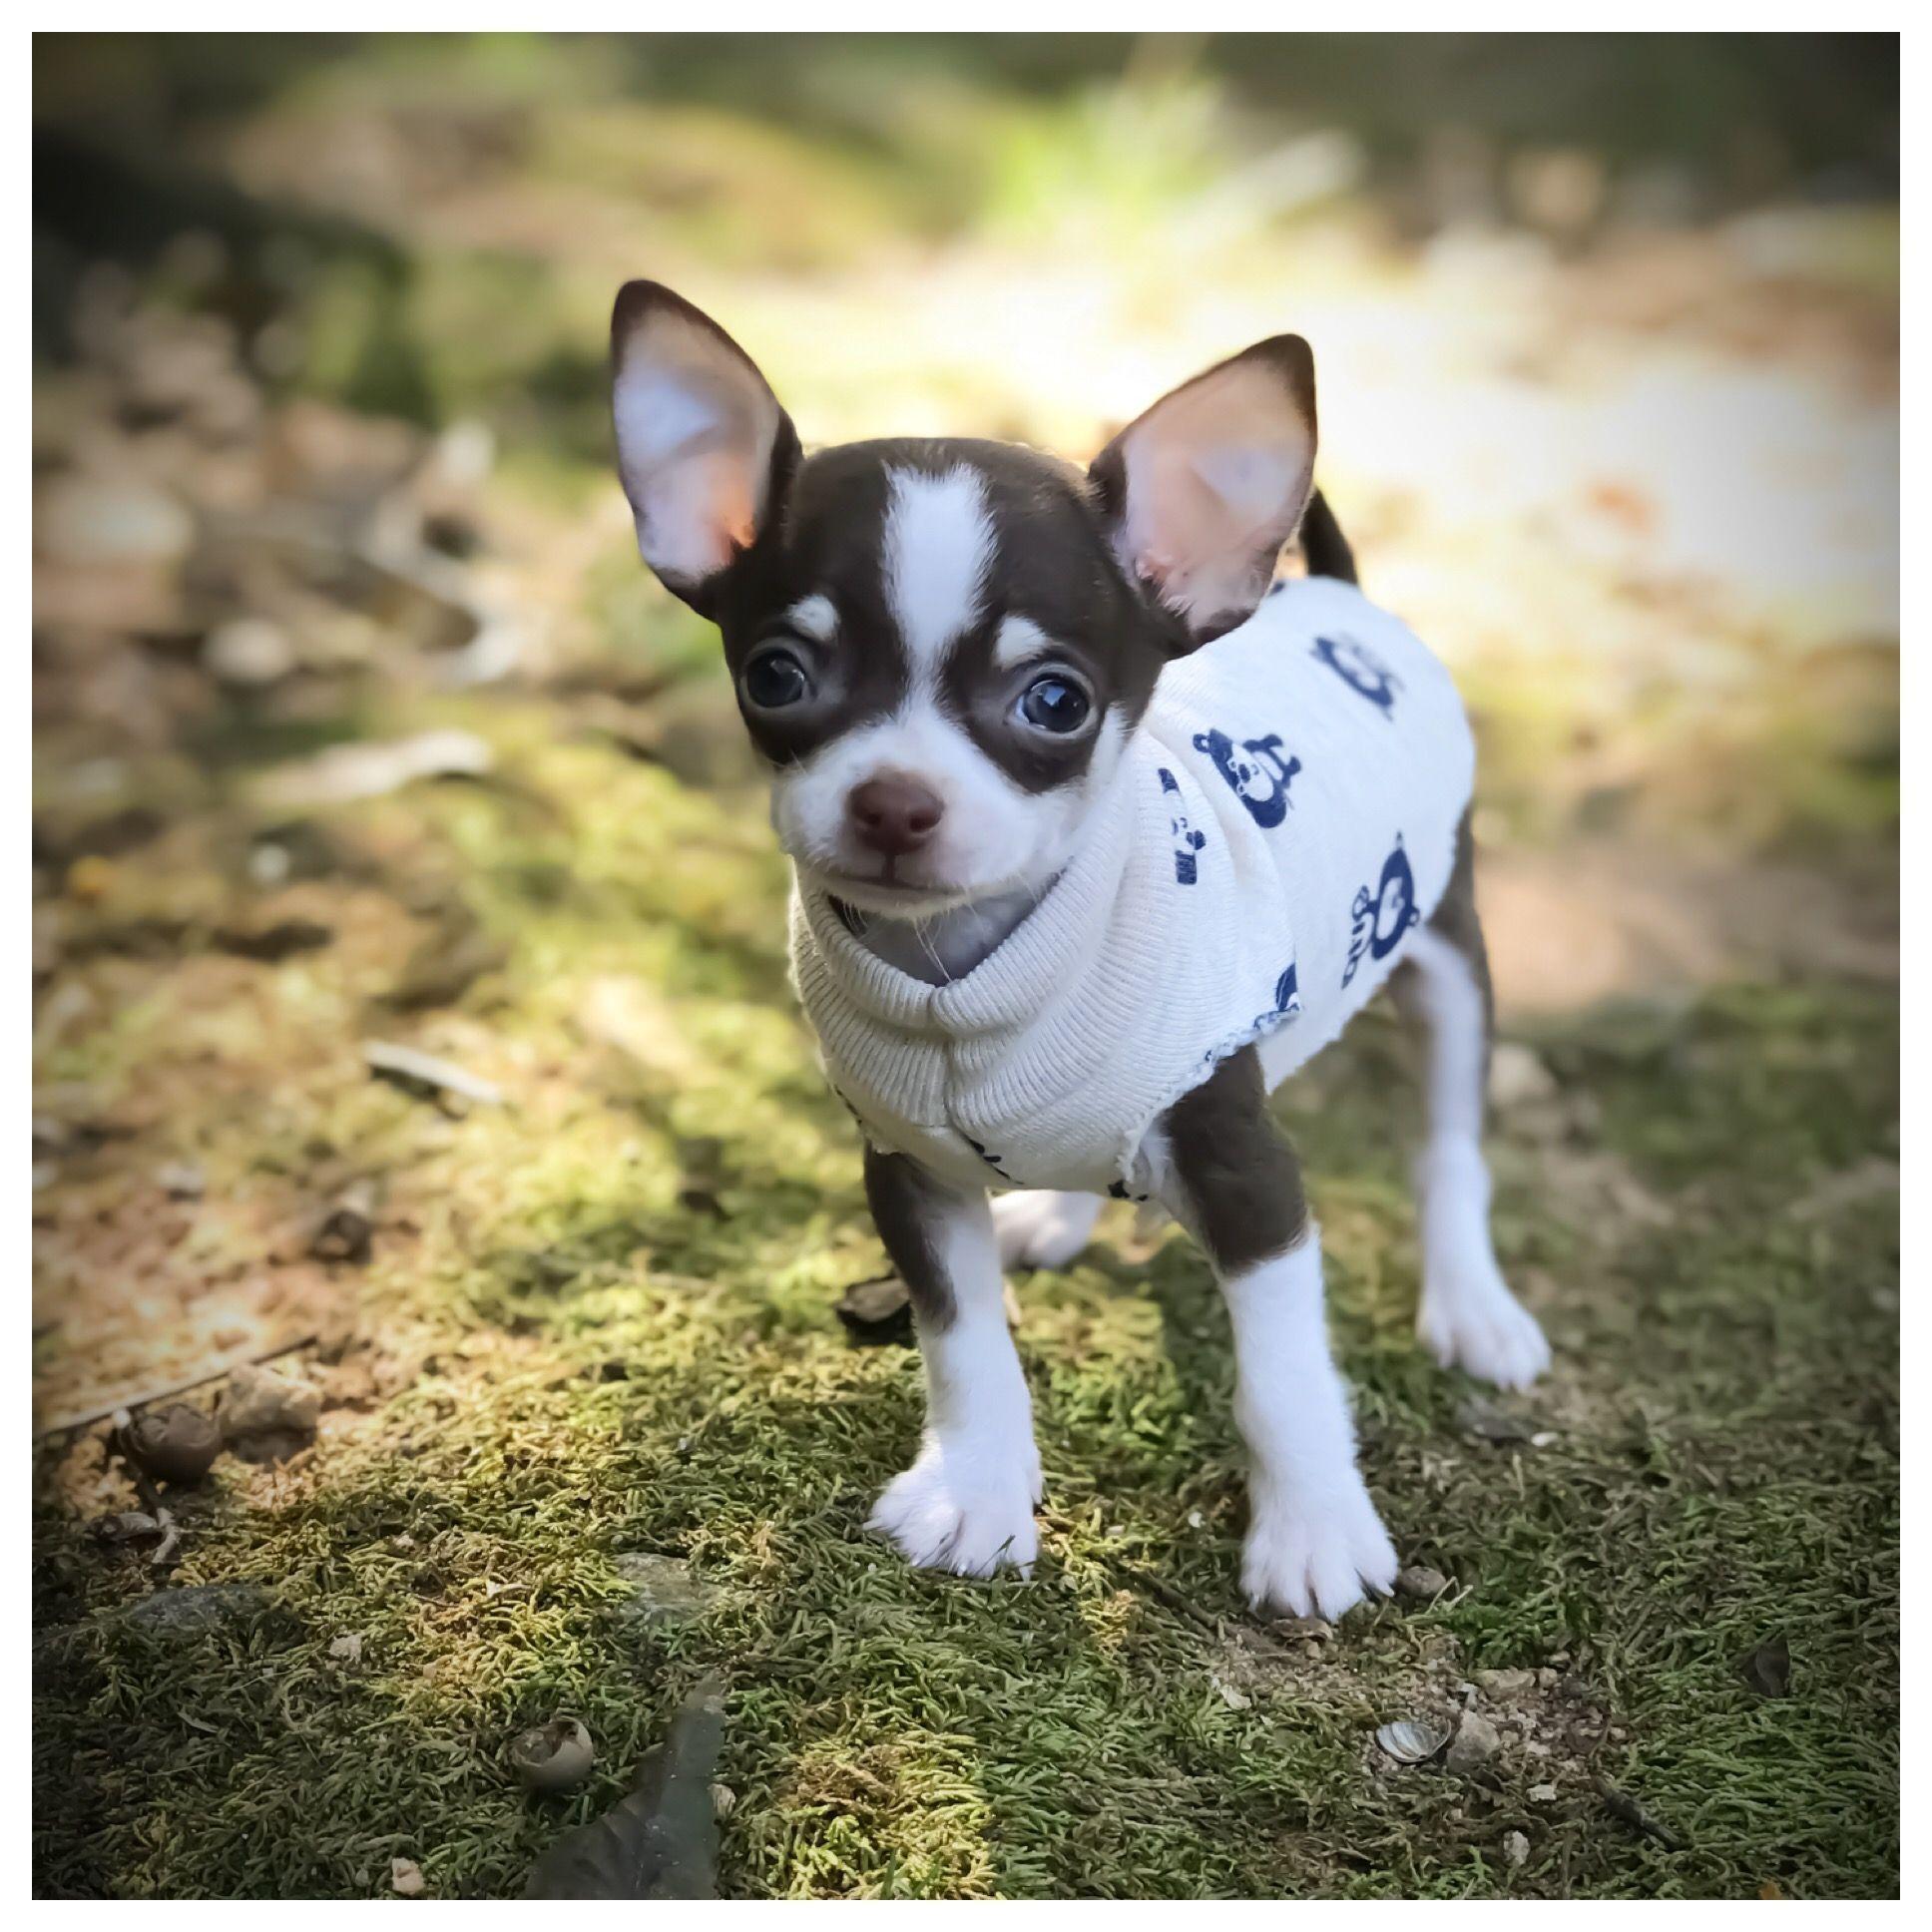 Cute chihuahua photo